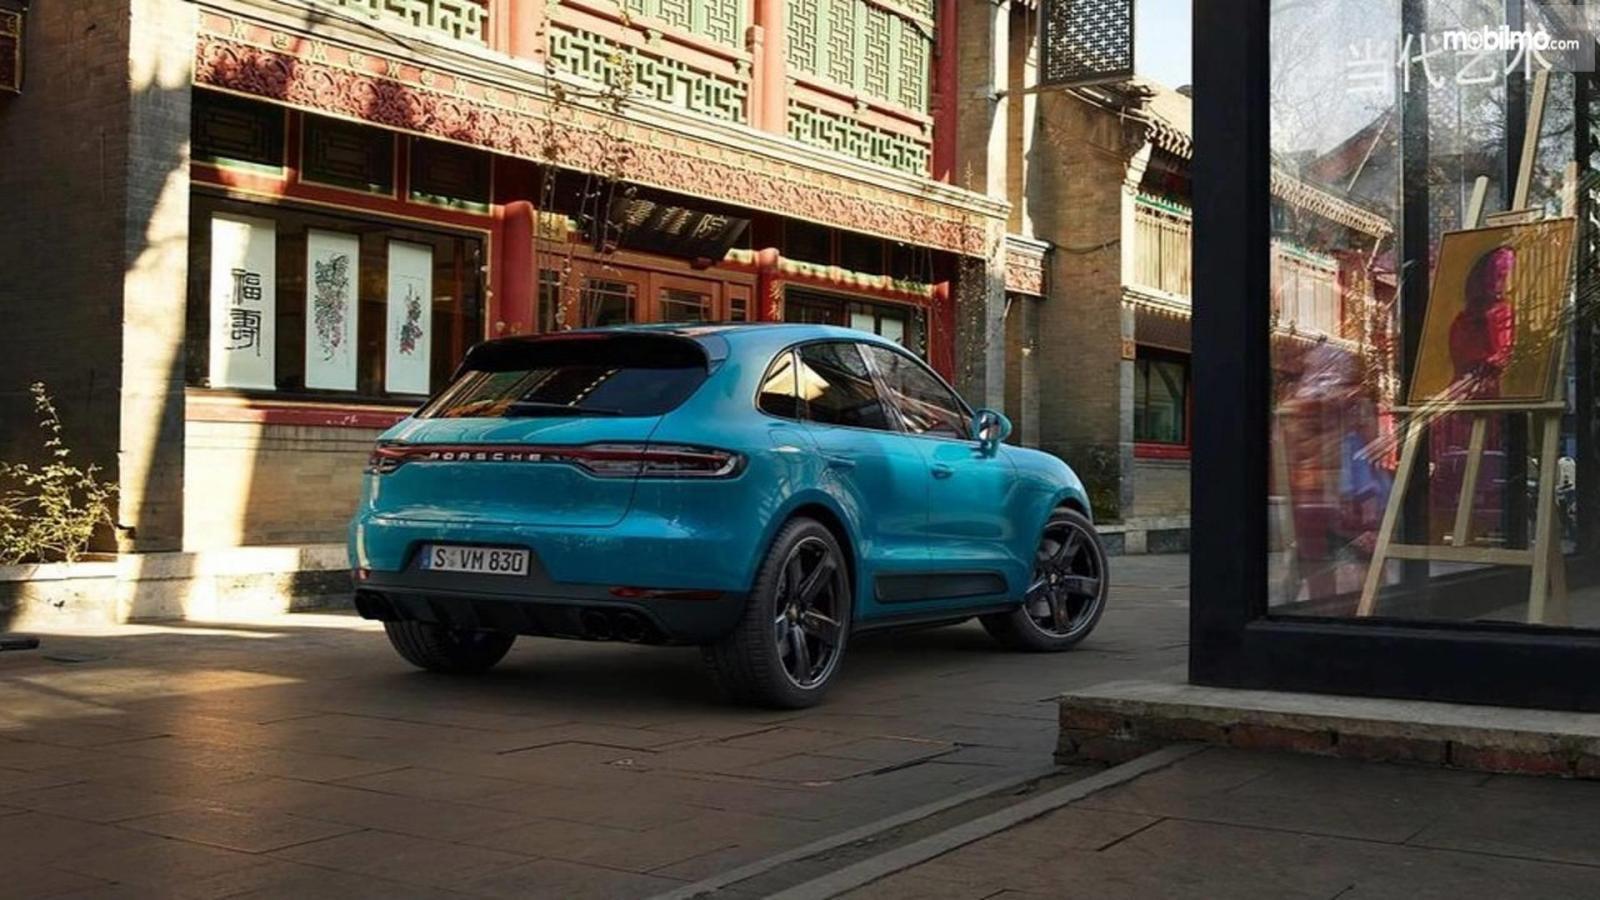 Gambar tampilan belakang Porsche Macan 2019